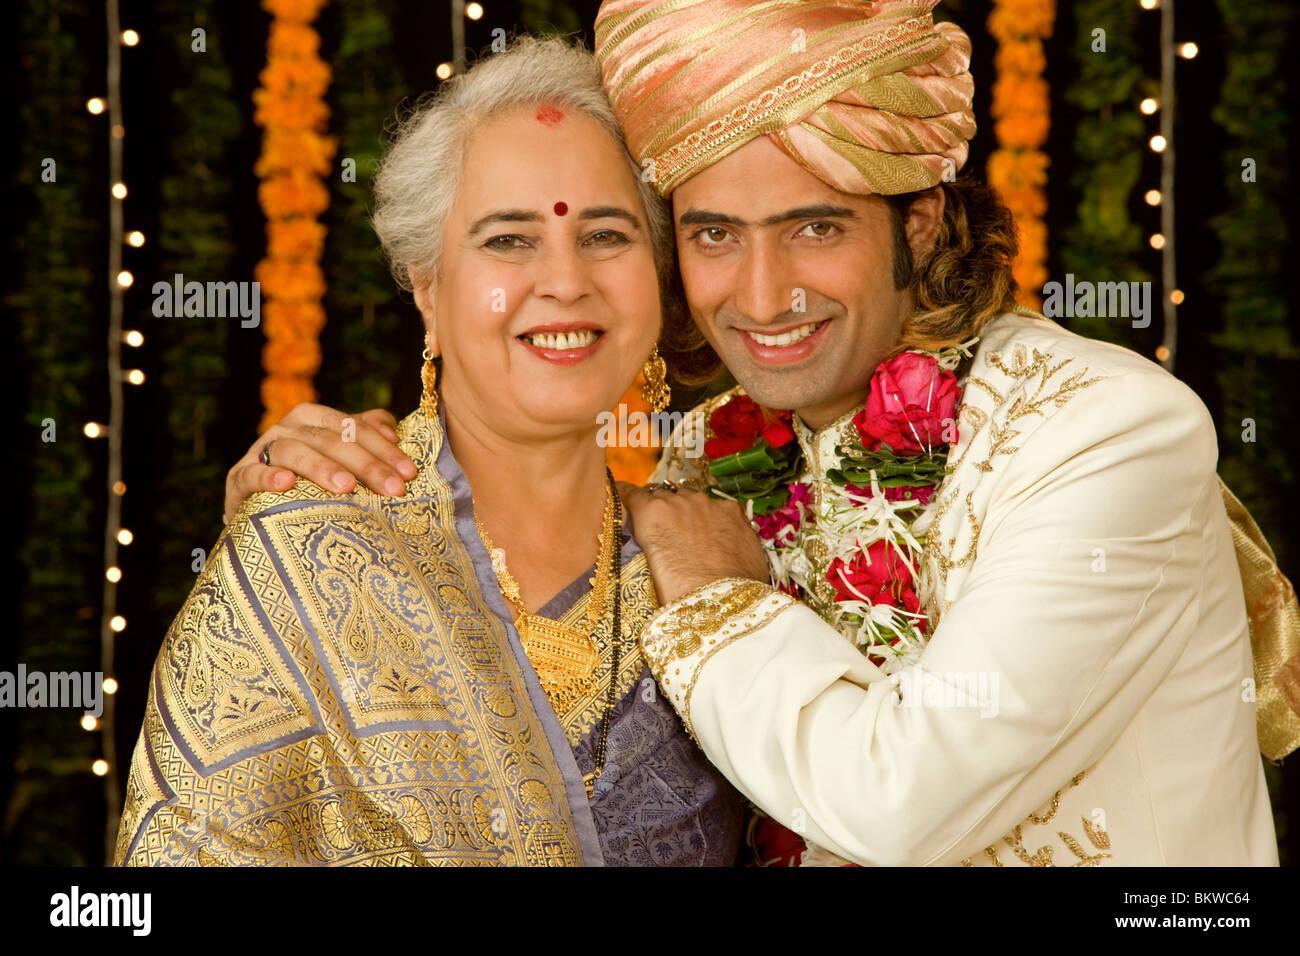 Indische Mutter und Sohn seine Hochzeit Kleidung Stockfoto, Bild ...